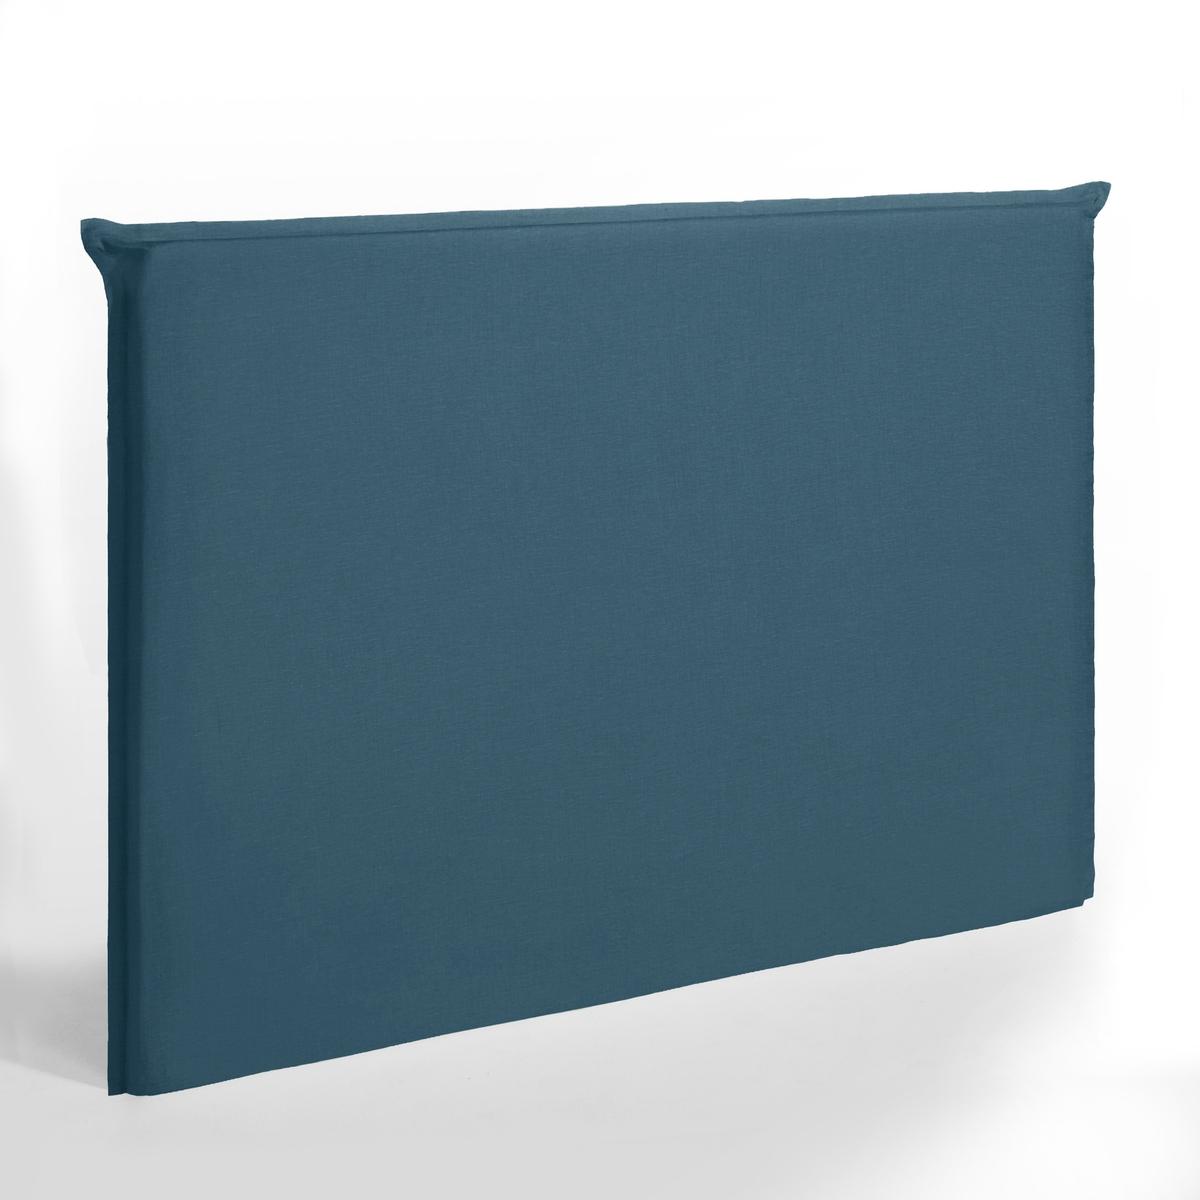 Чехол La Redoute Для изголовья кровати высотой см из стираного льна Sandor 140 см синий кровати 140 см